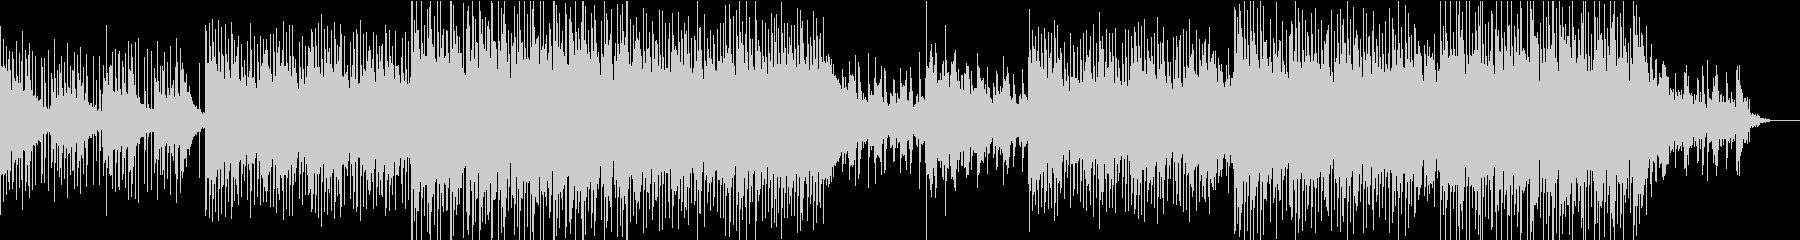 クールなコーポレート系BGMの未再生の波形